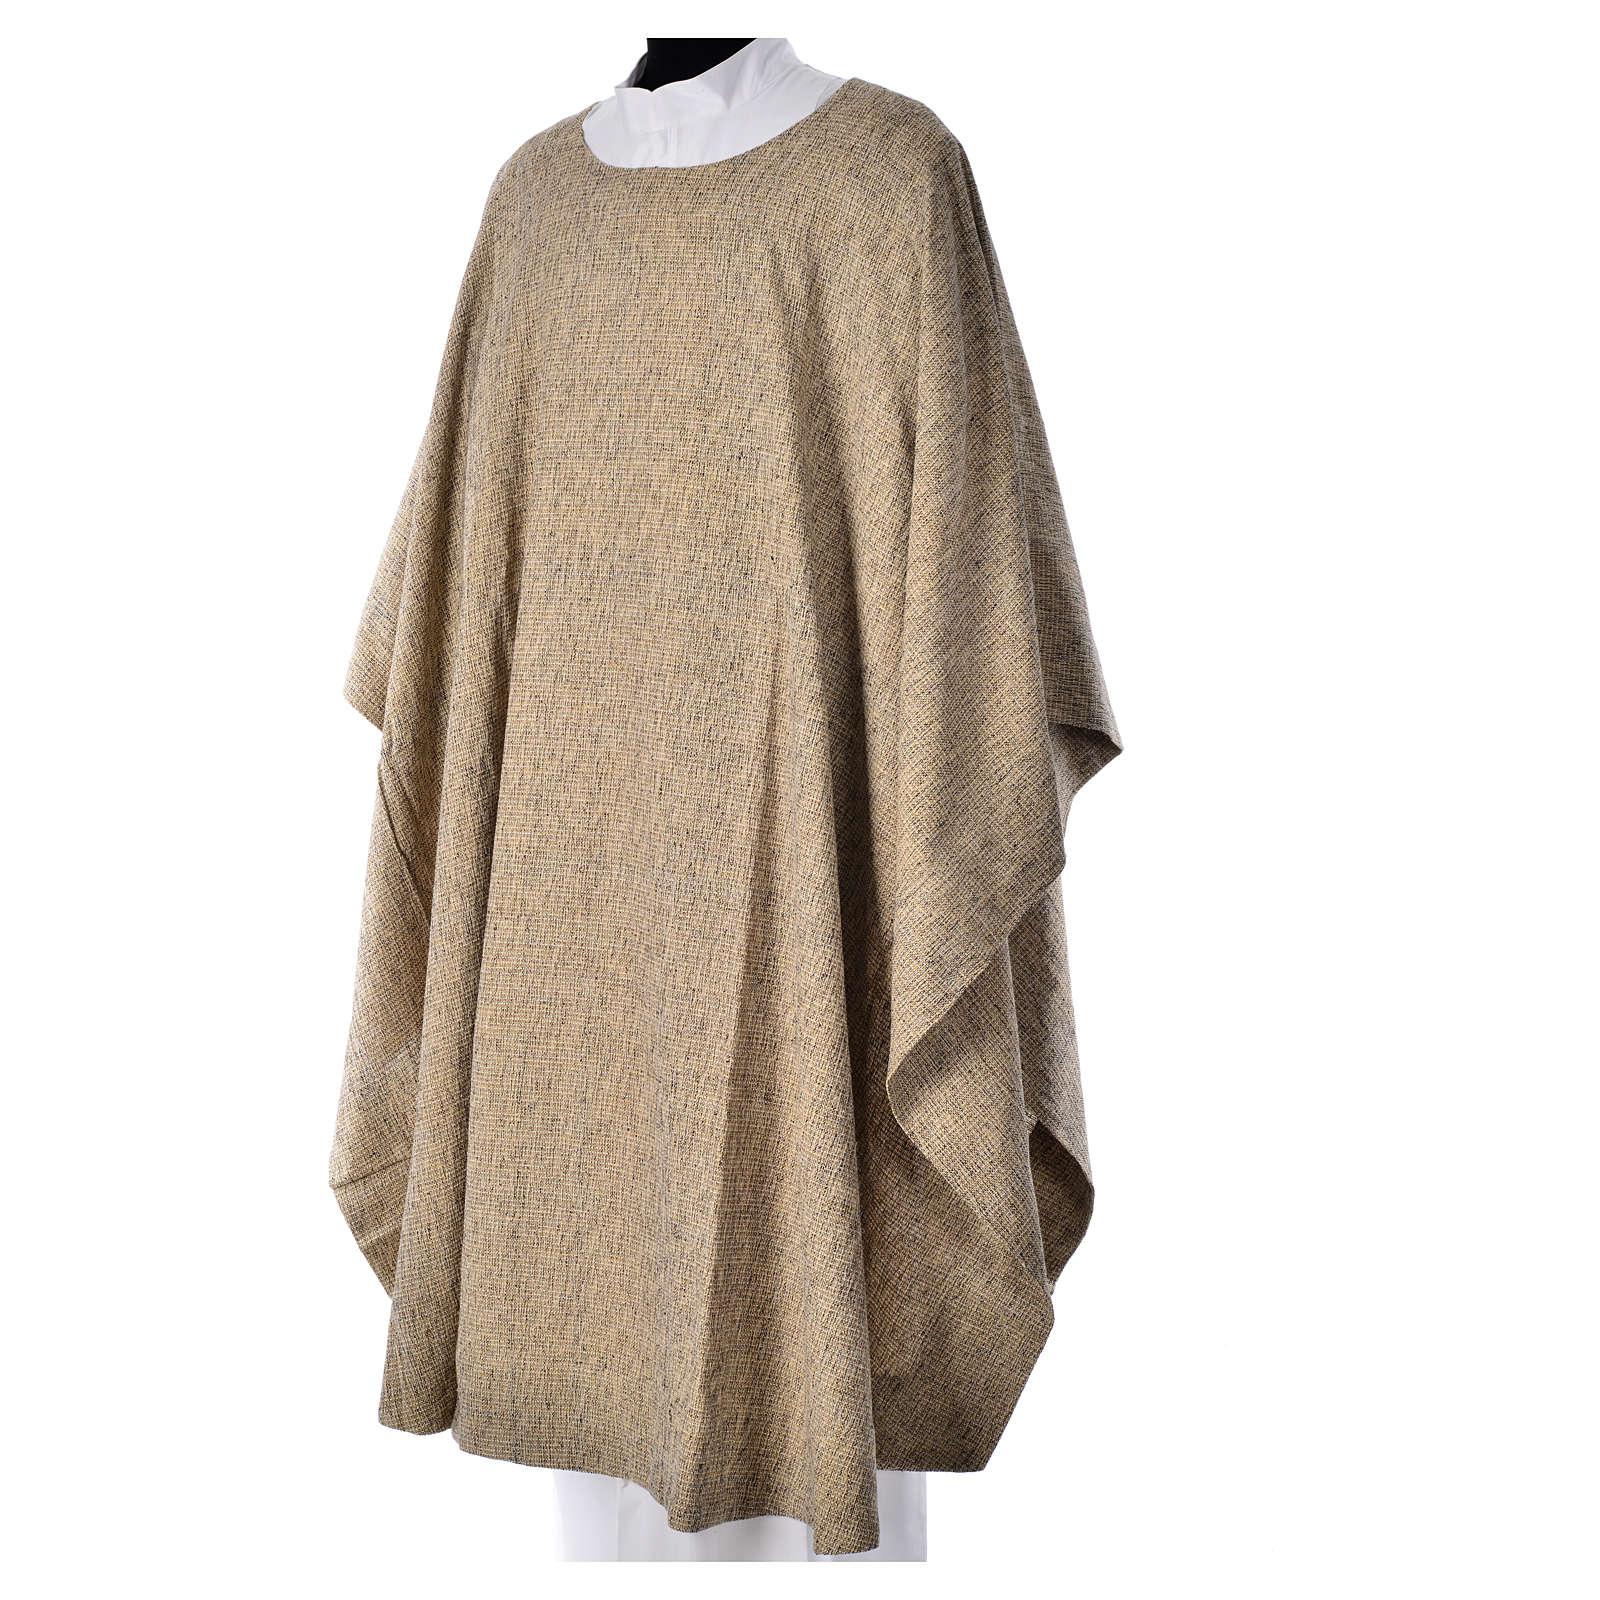 Casula francescana cotone e seta beige 4